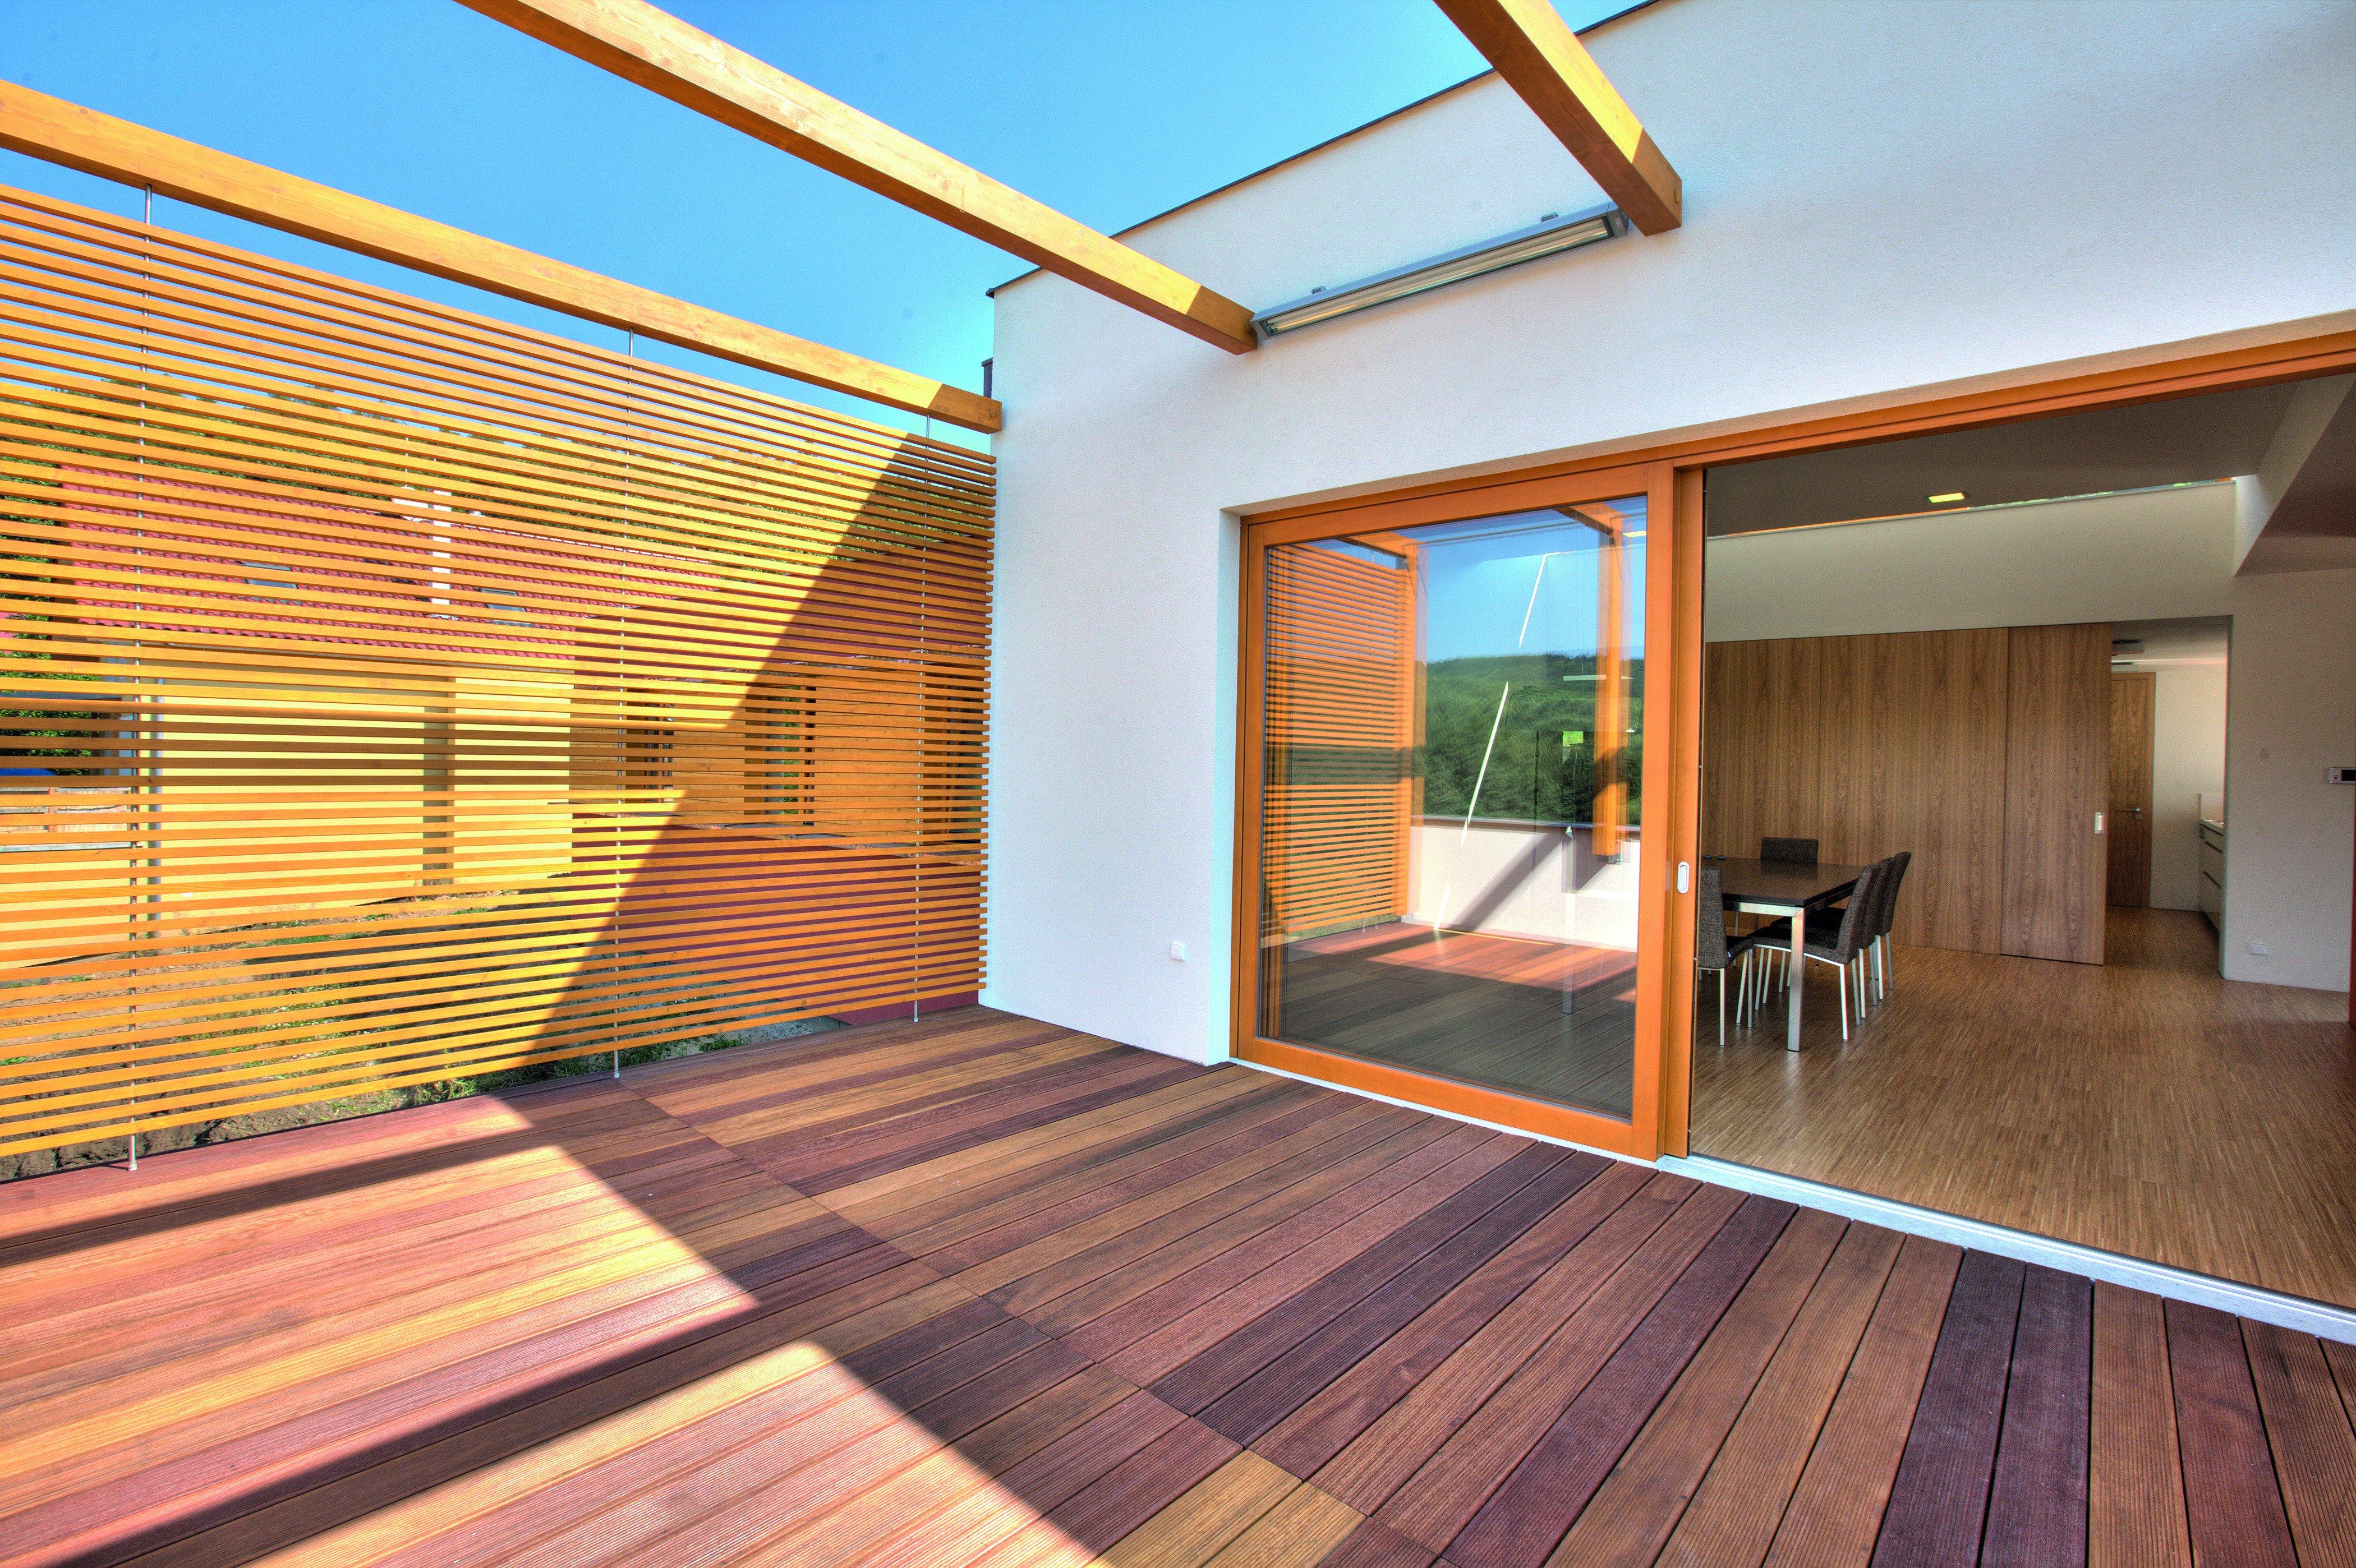 Manutenzione del parquet coverlegno 110413 cose di casa - Manutenzione casa ...